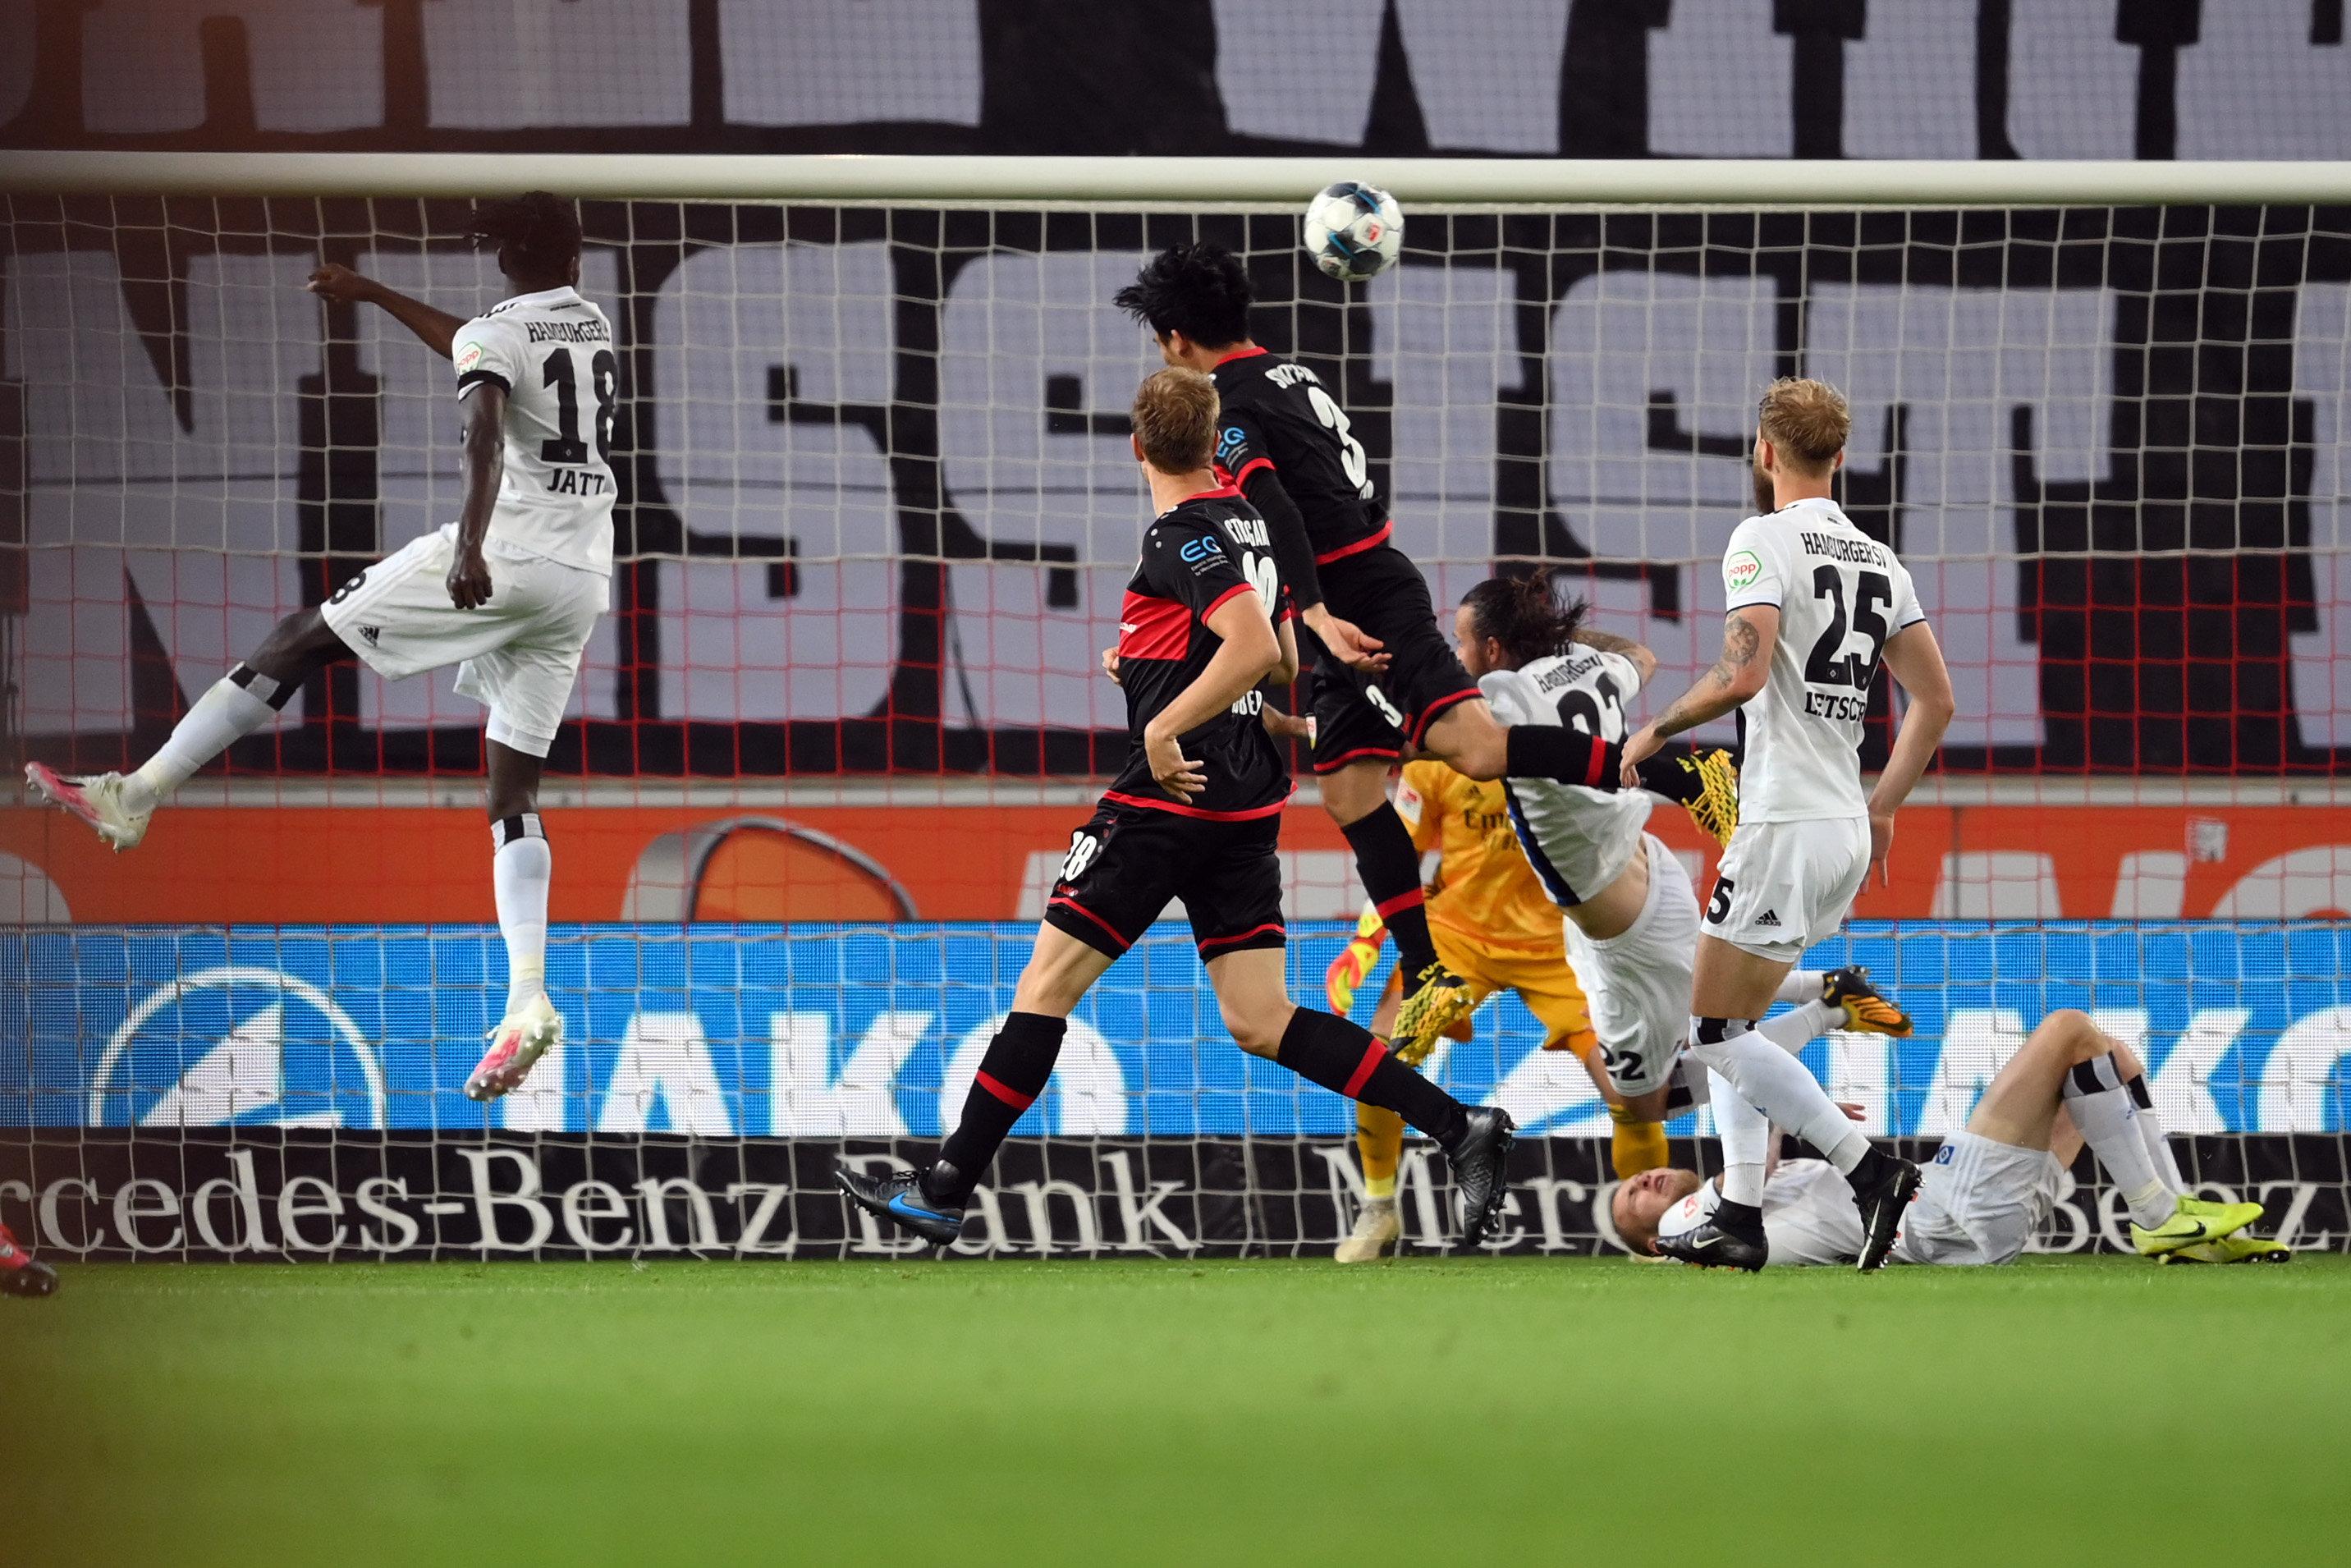 Der passt: Wataru Endo erzielt das zwischenzeitliche 1:2 für den VfB Stuttgart.